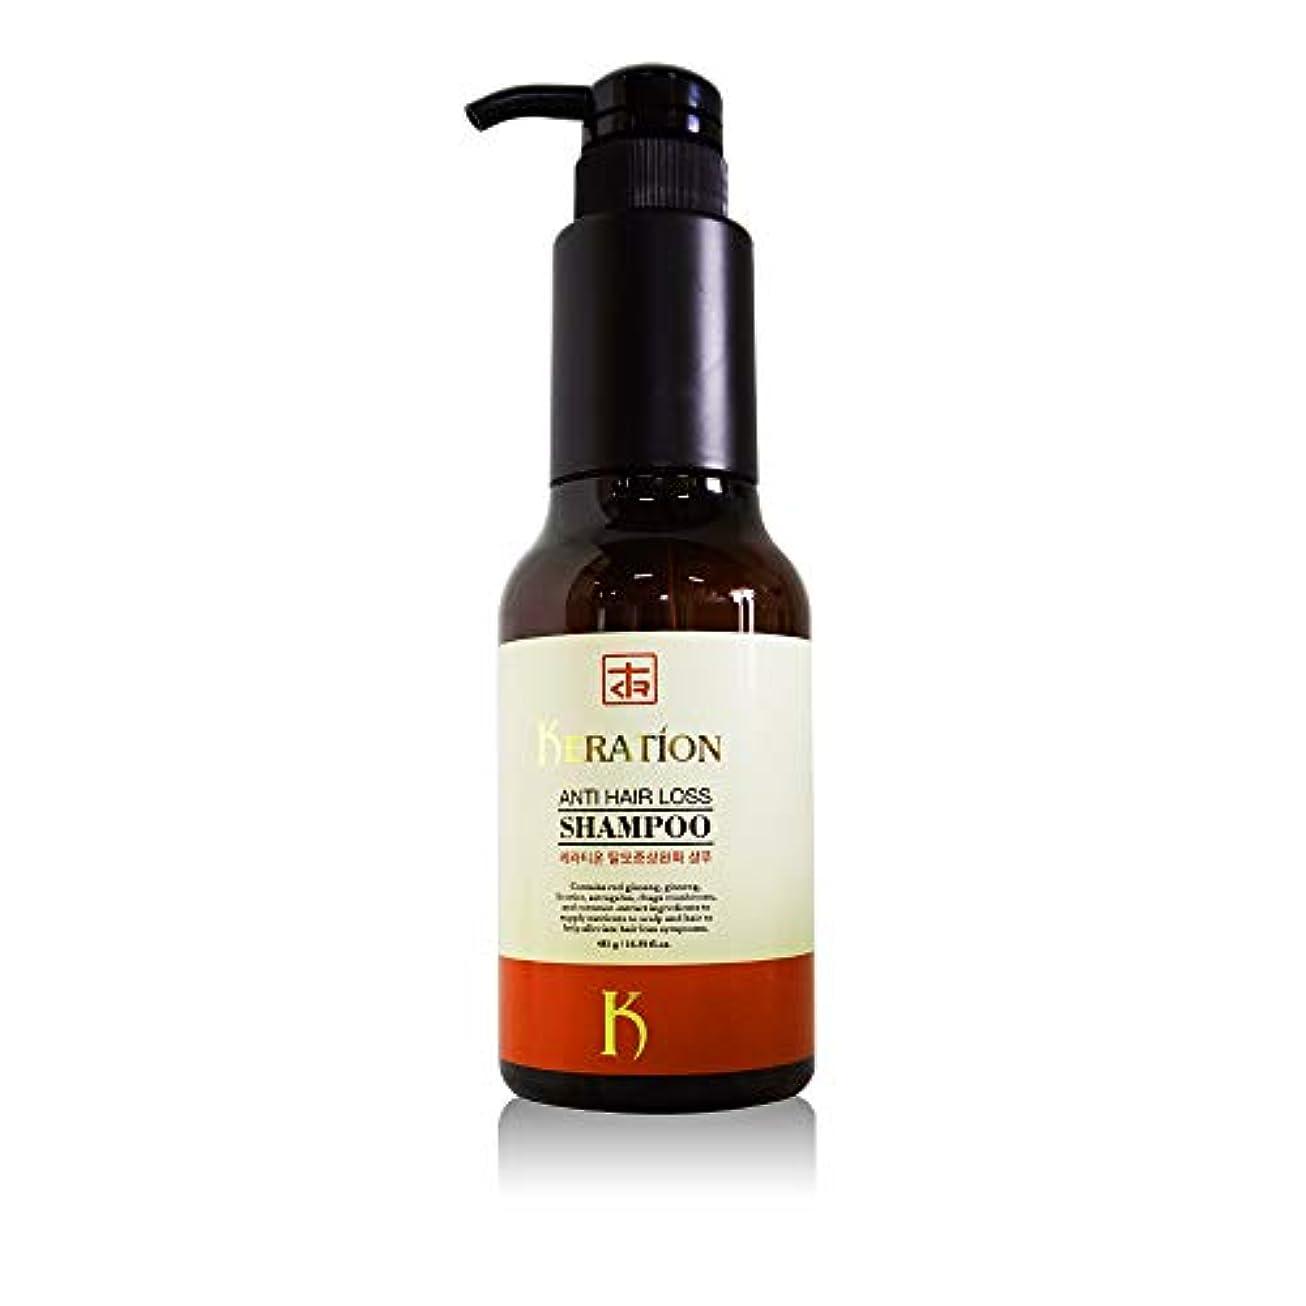 宝石サーキュレーション近所のKeration アンチ抜け毛シャンプー485ml (Keration Anti Hair Loss Shampoo -6 kinds of herbal extracts) [並行輸入品]